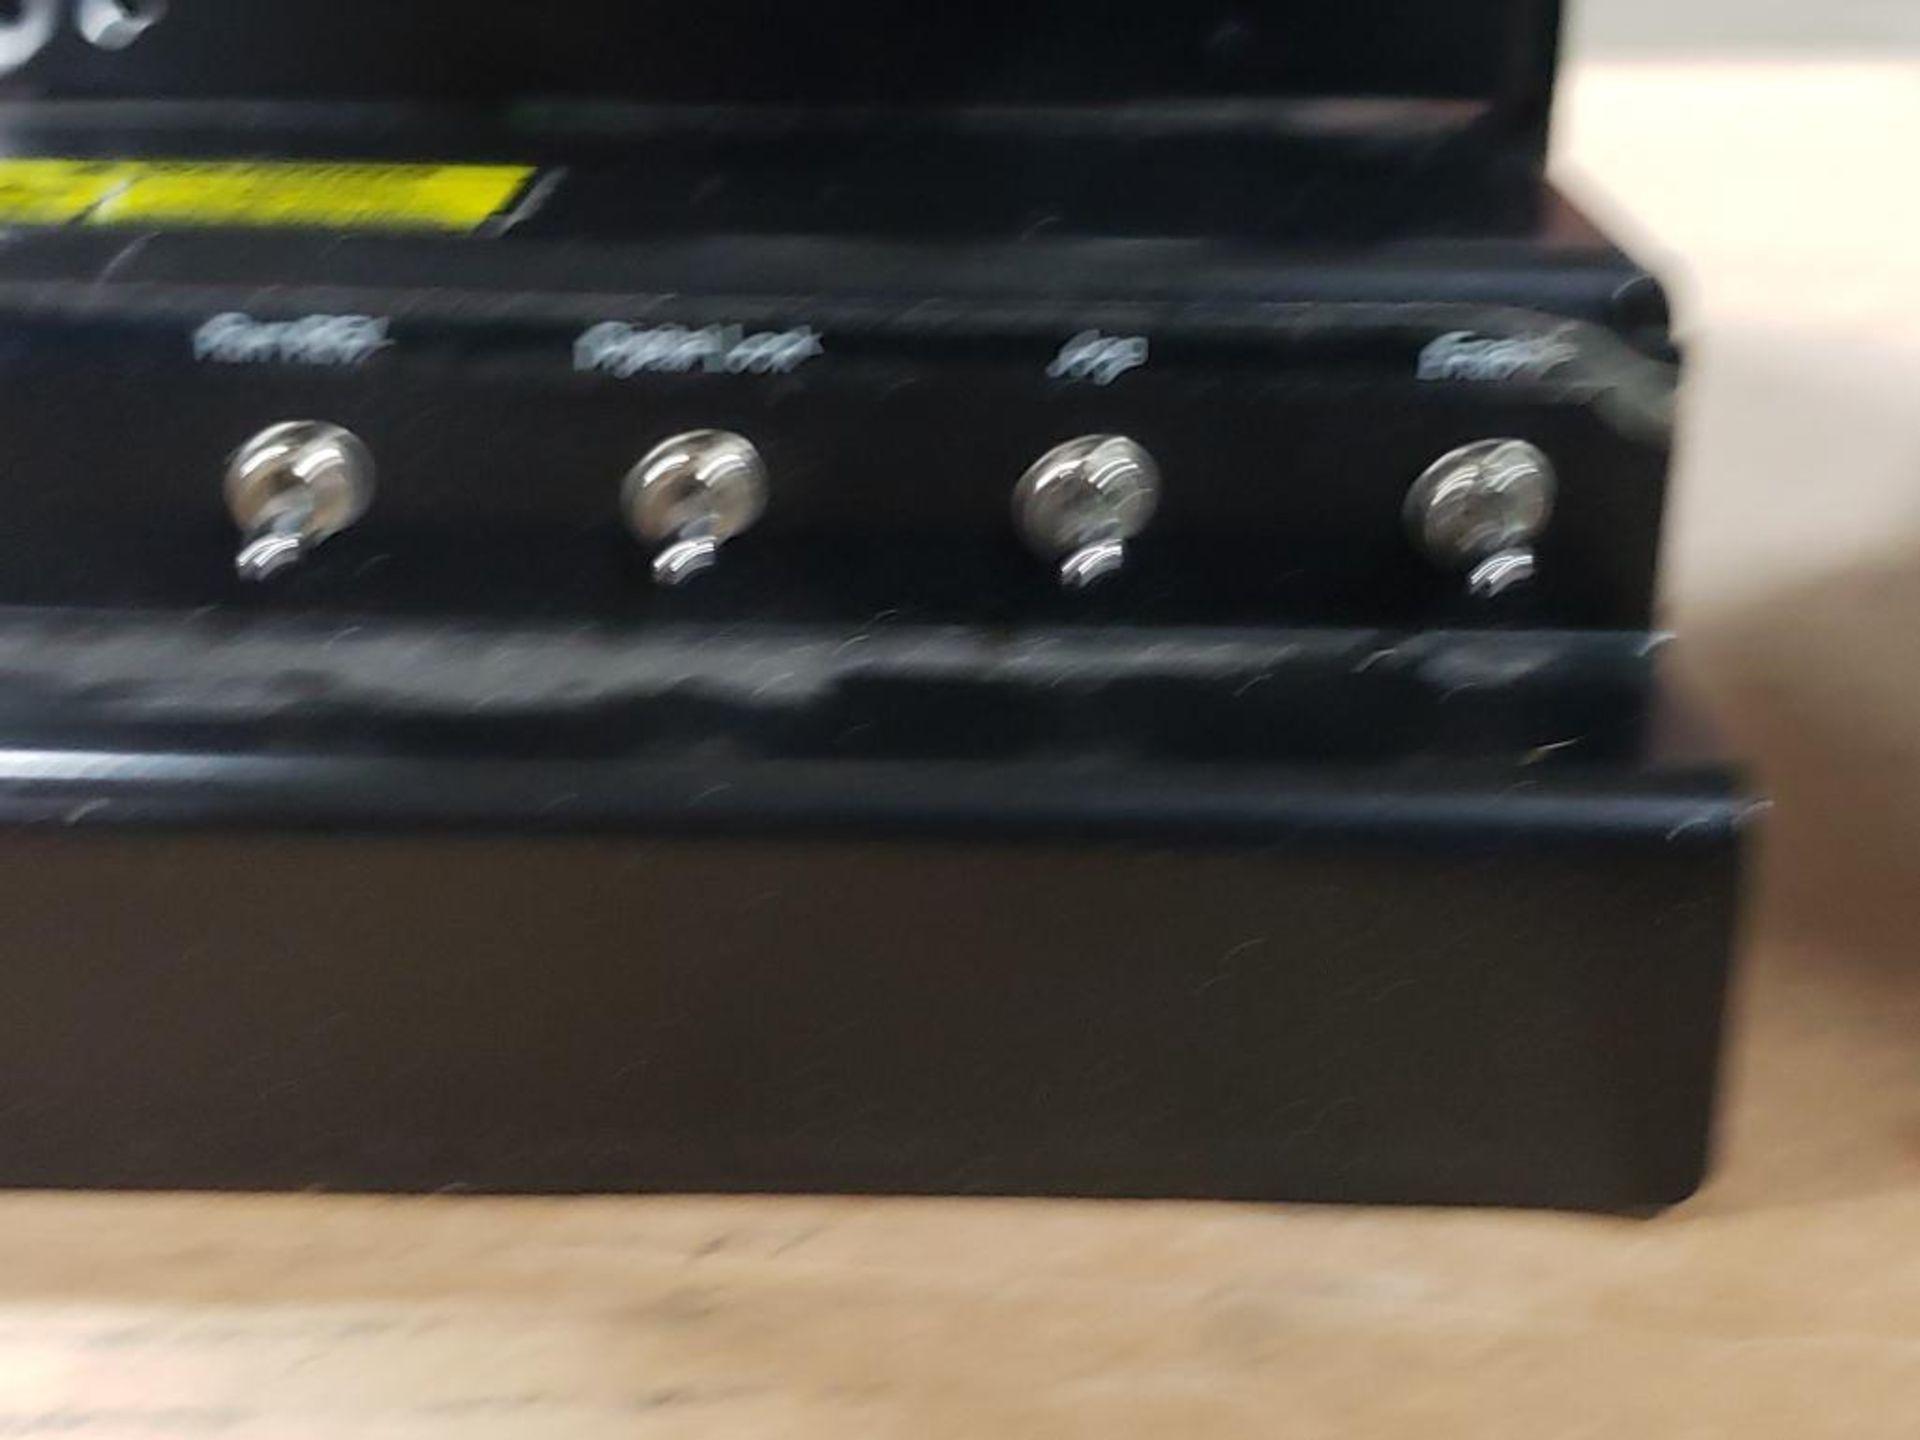 Travel test diagnostic Emerson drive unit. Emerson control Techniques DCM700. Unidrive M701. - Image 13 of 21